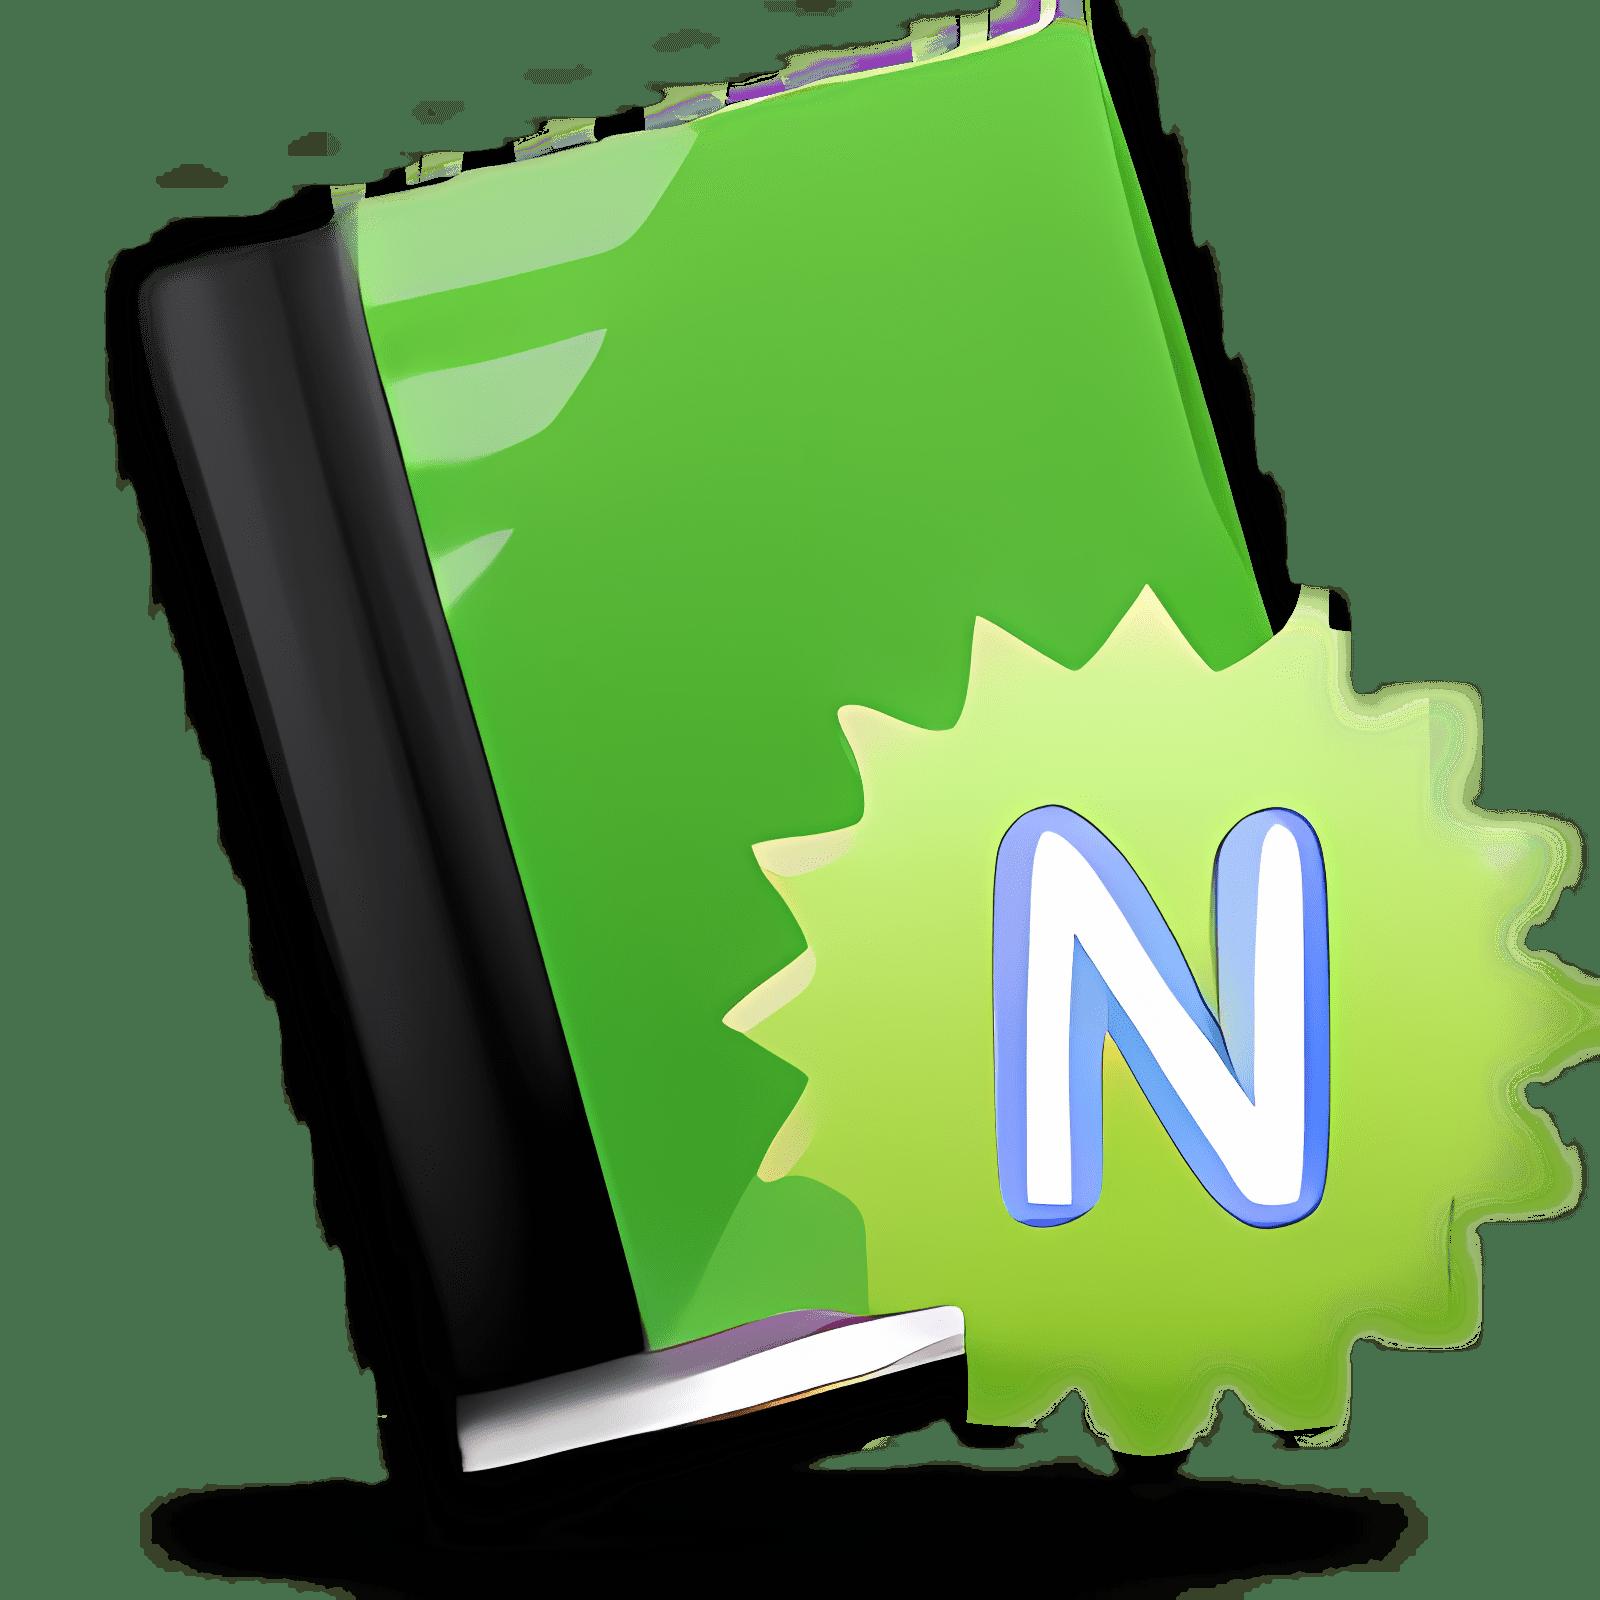 NOOK EPUB DRM Removal